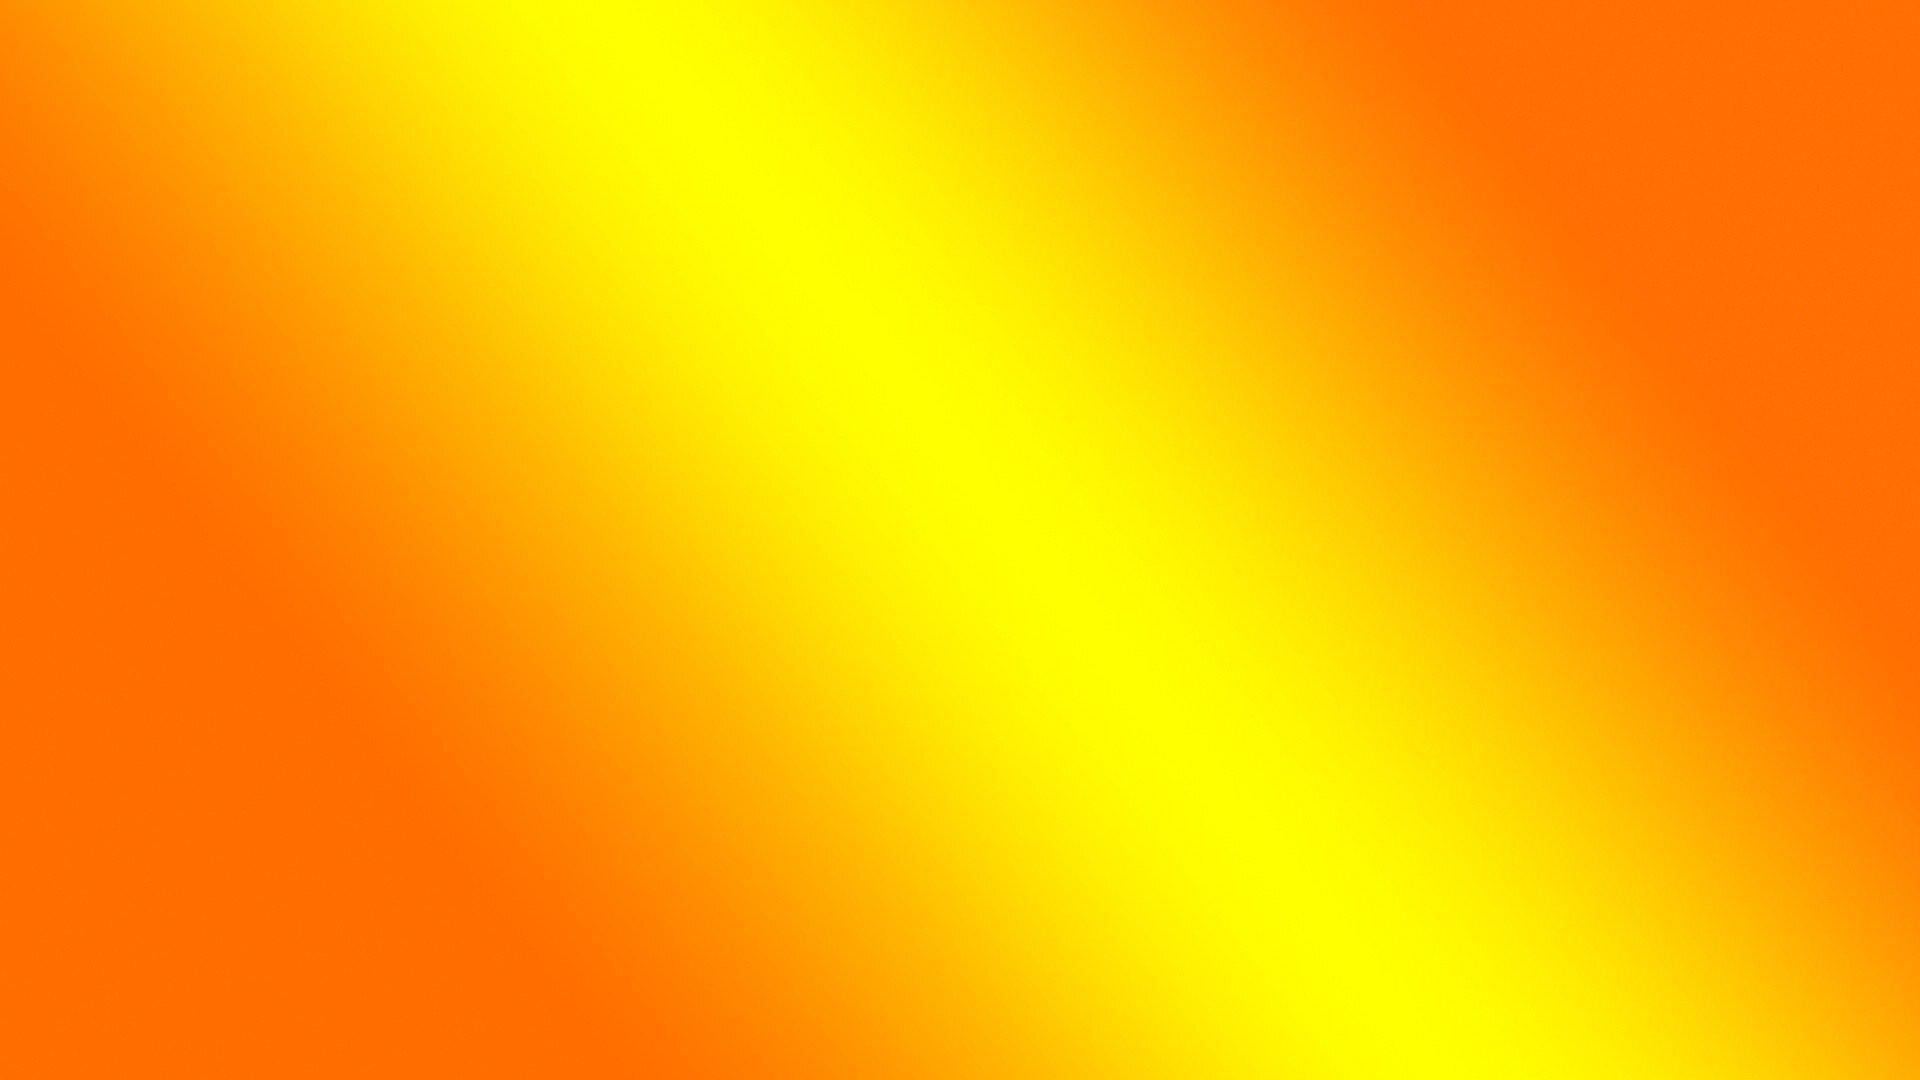 Abstract Bright Wallpaper Jpg